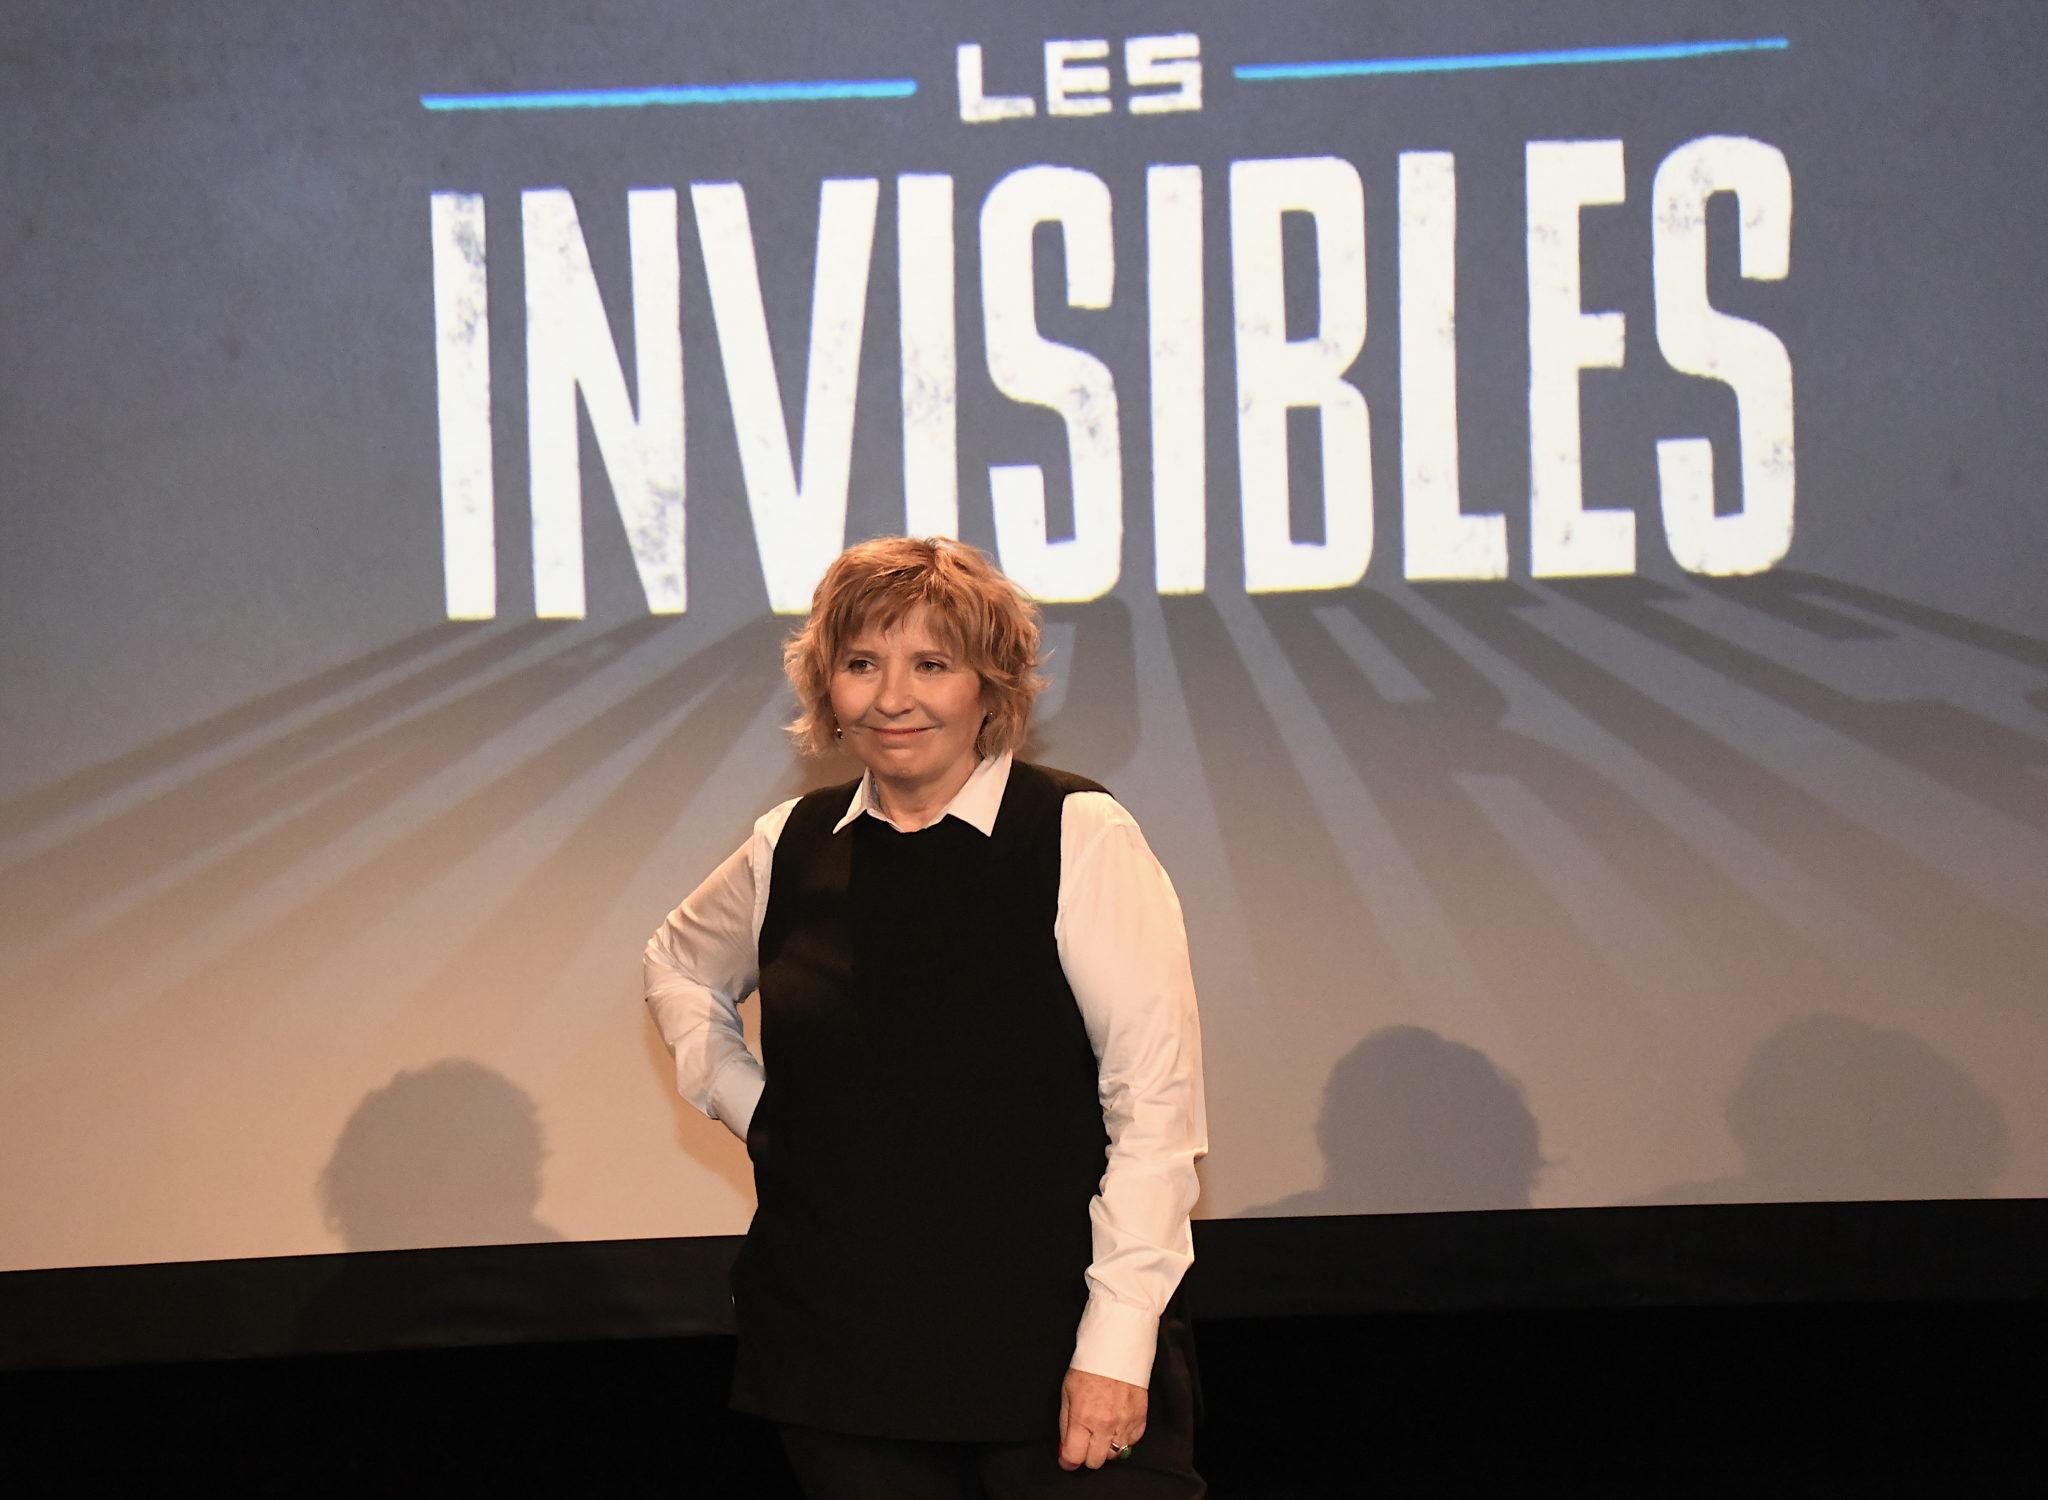 Les invisibles  VFQ   S01  E03